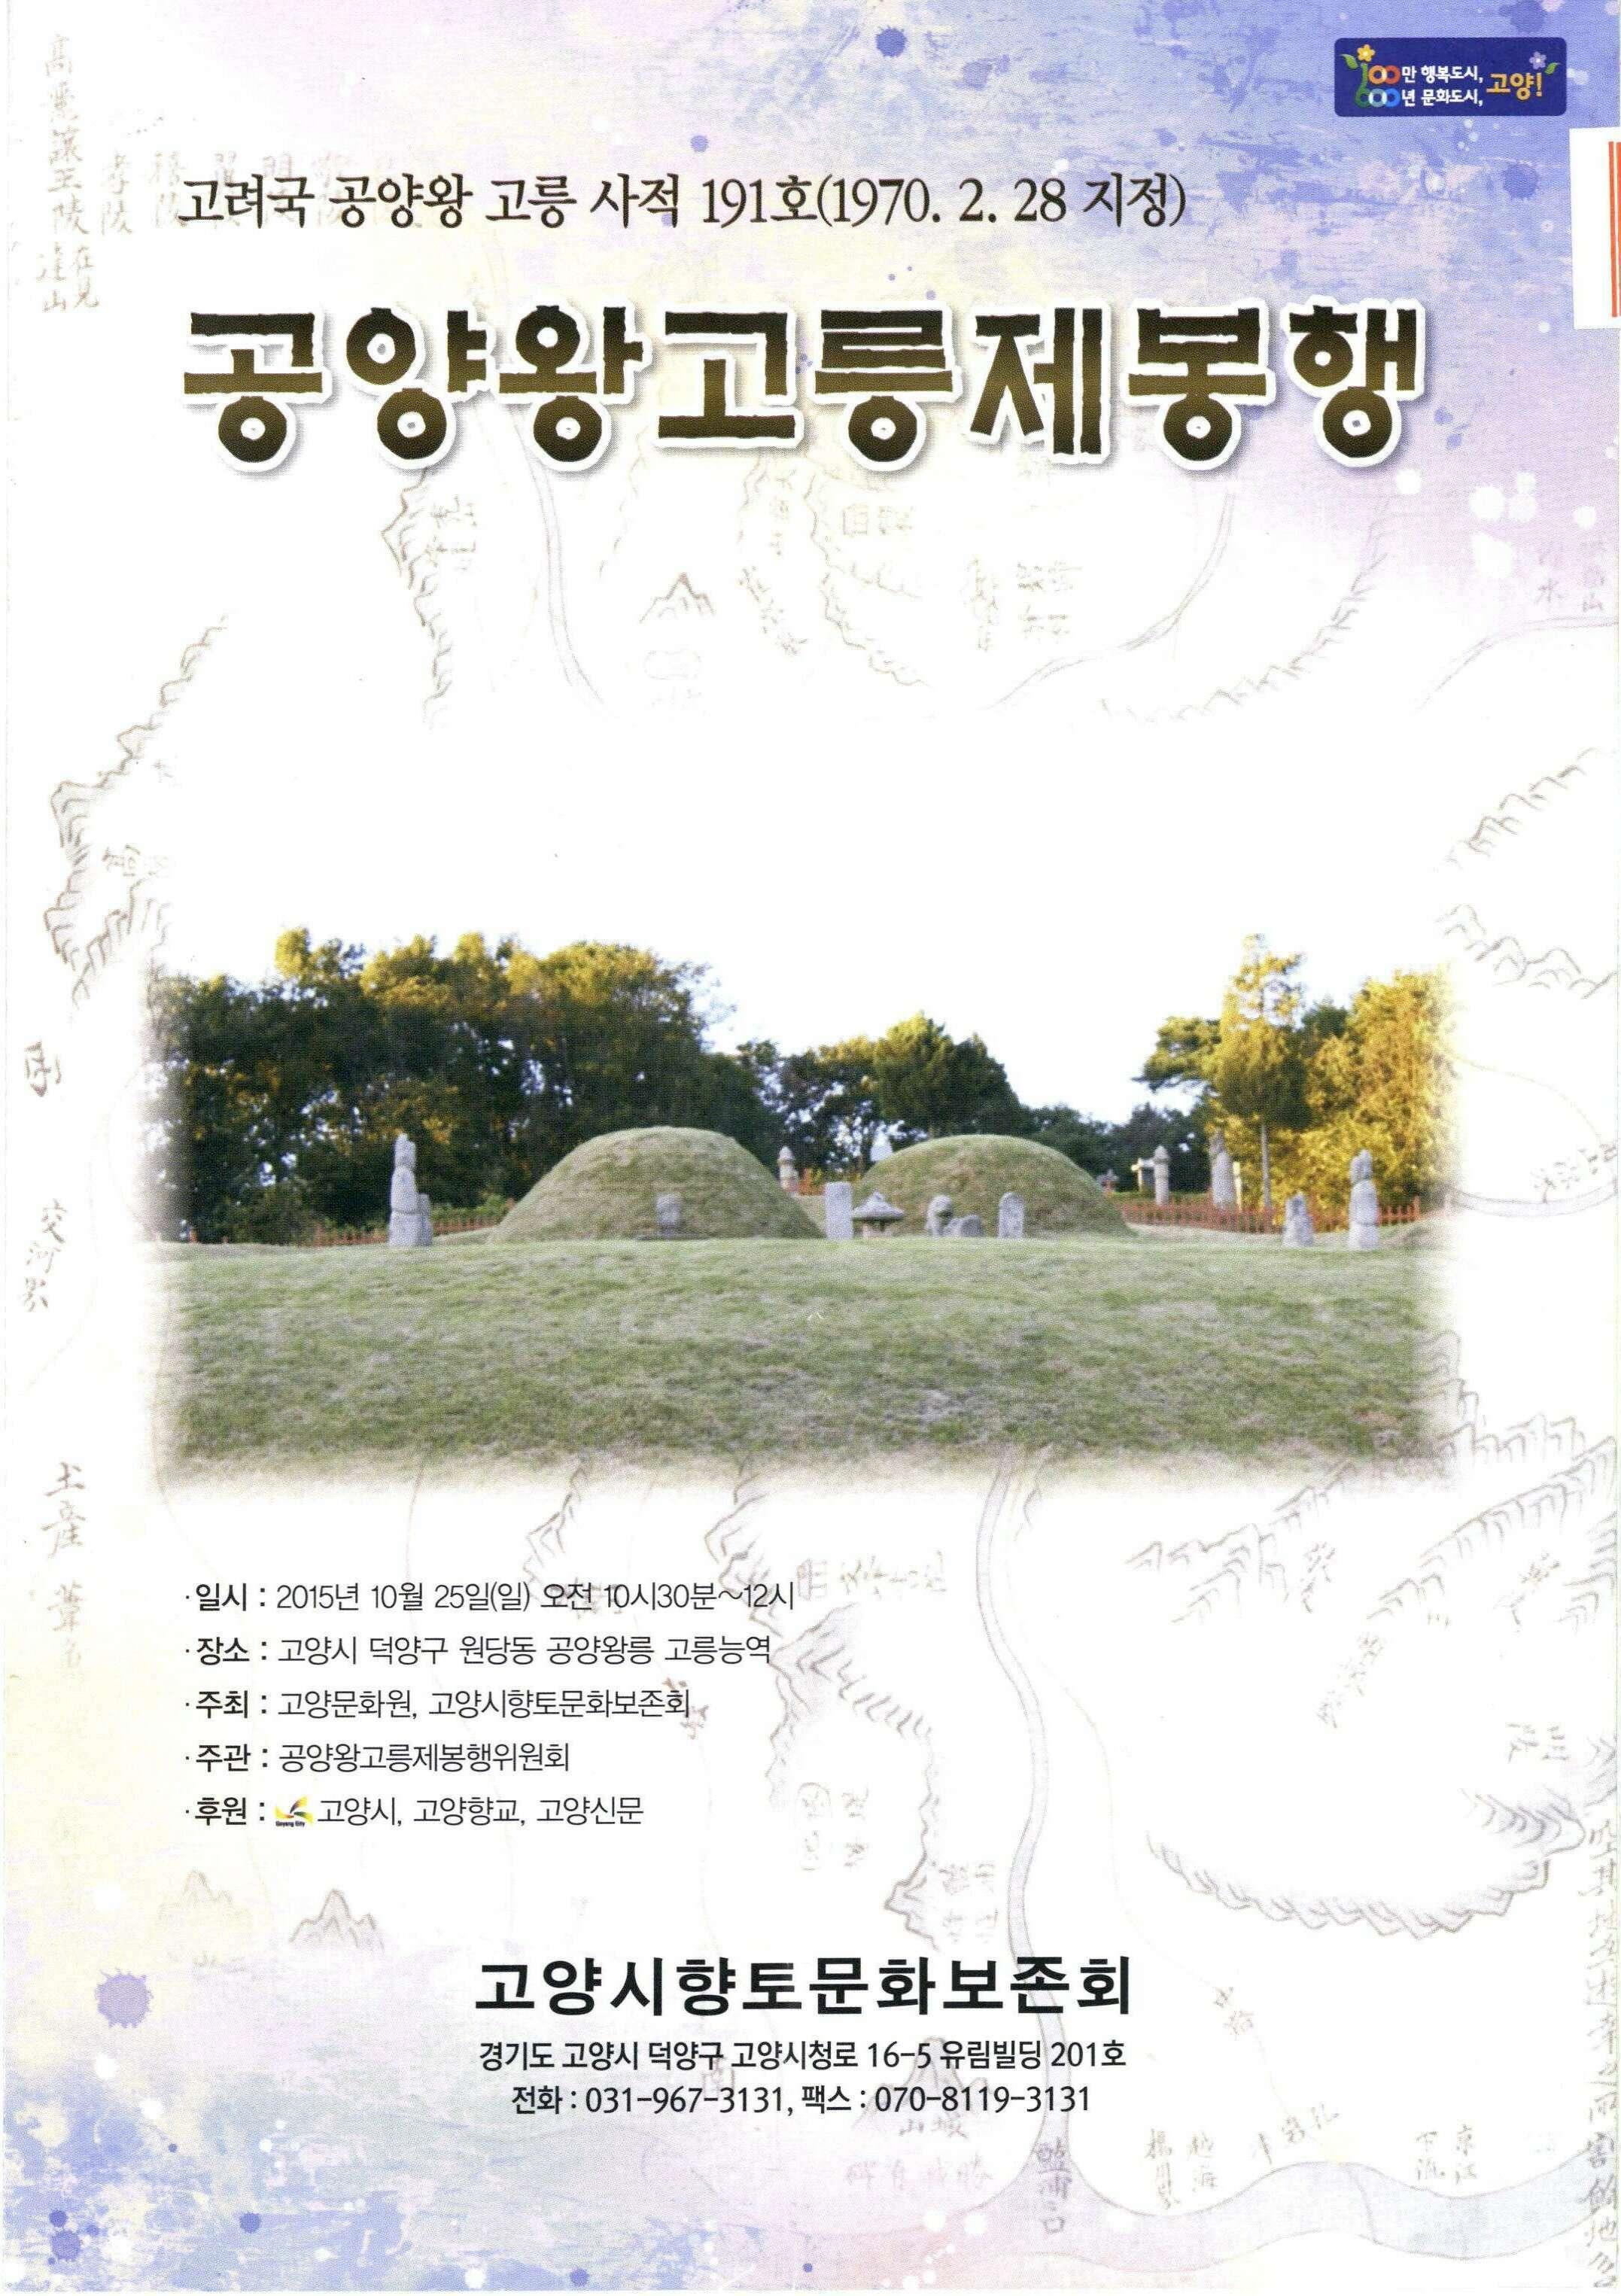 고려국 공양왕 고릉사적 191호(1970.2.28 지정) 공양왕고릉제봉행